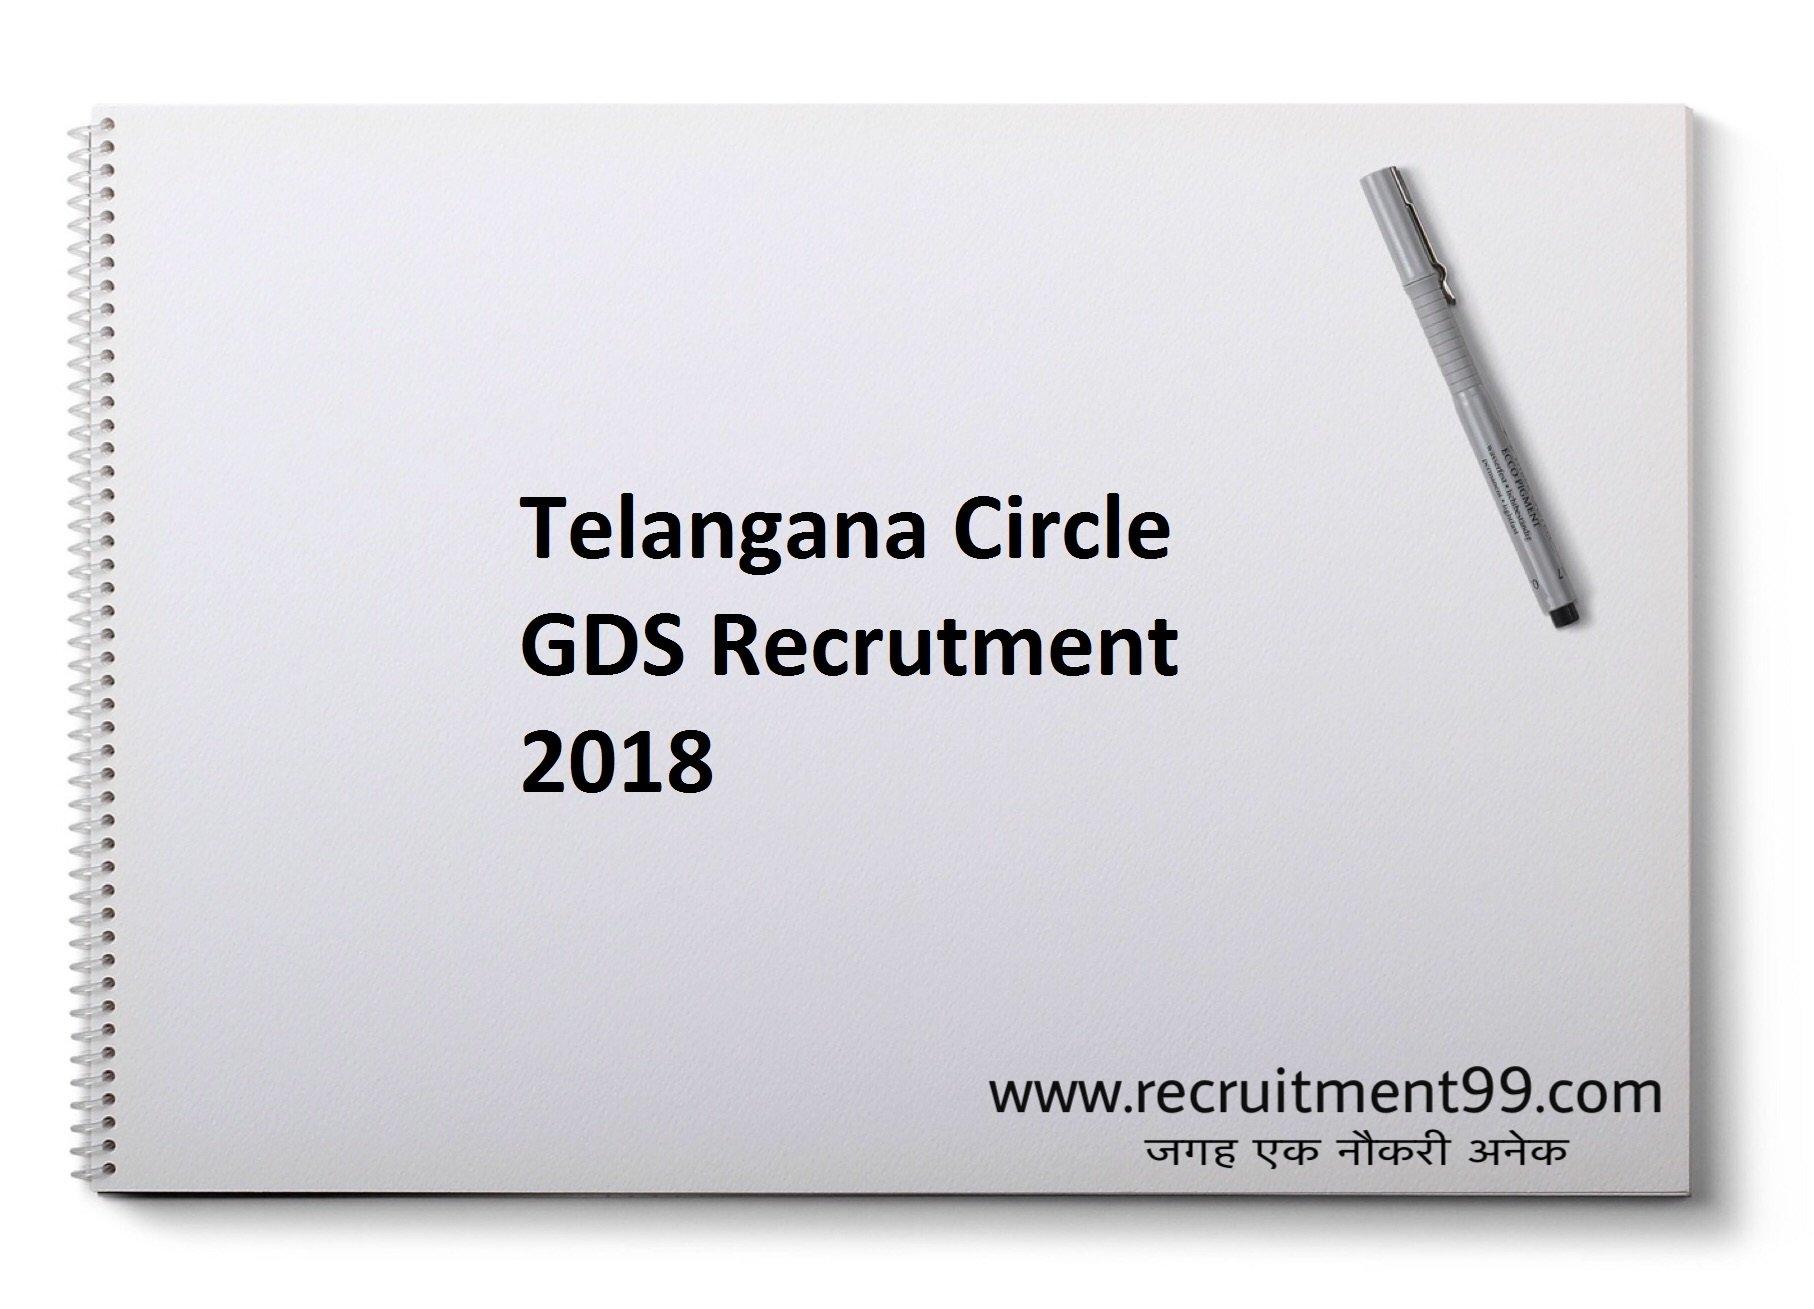 Telangana Circle GDS Recrutment 2018